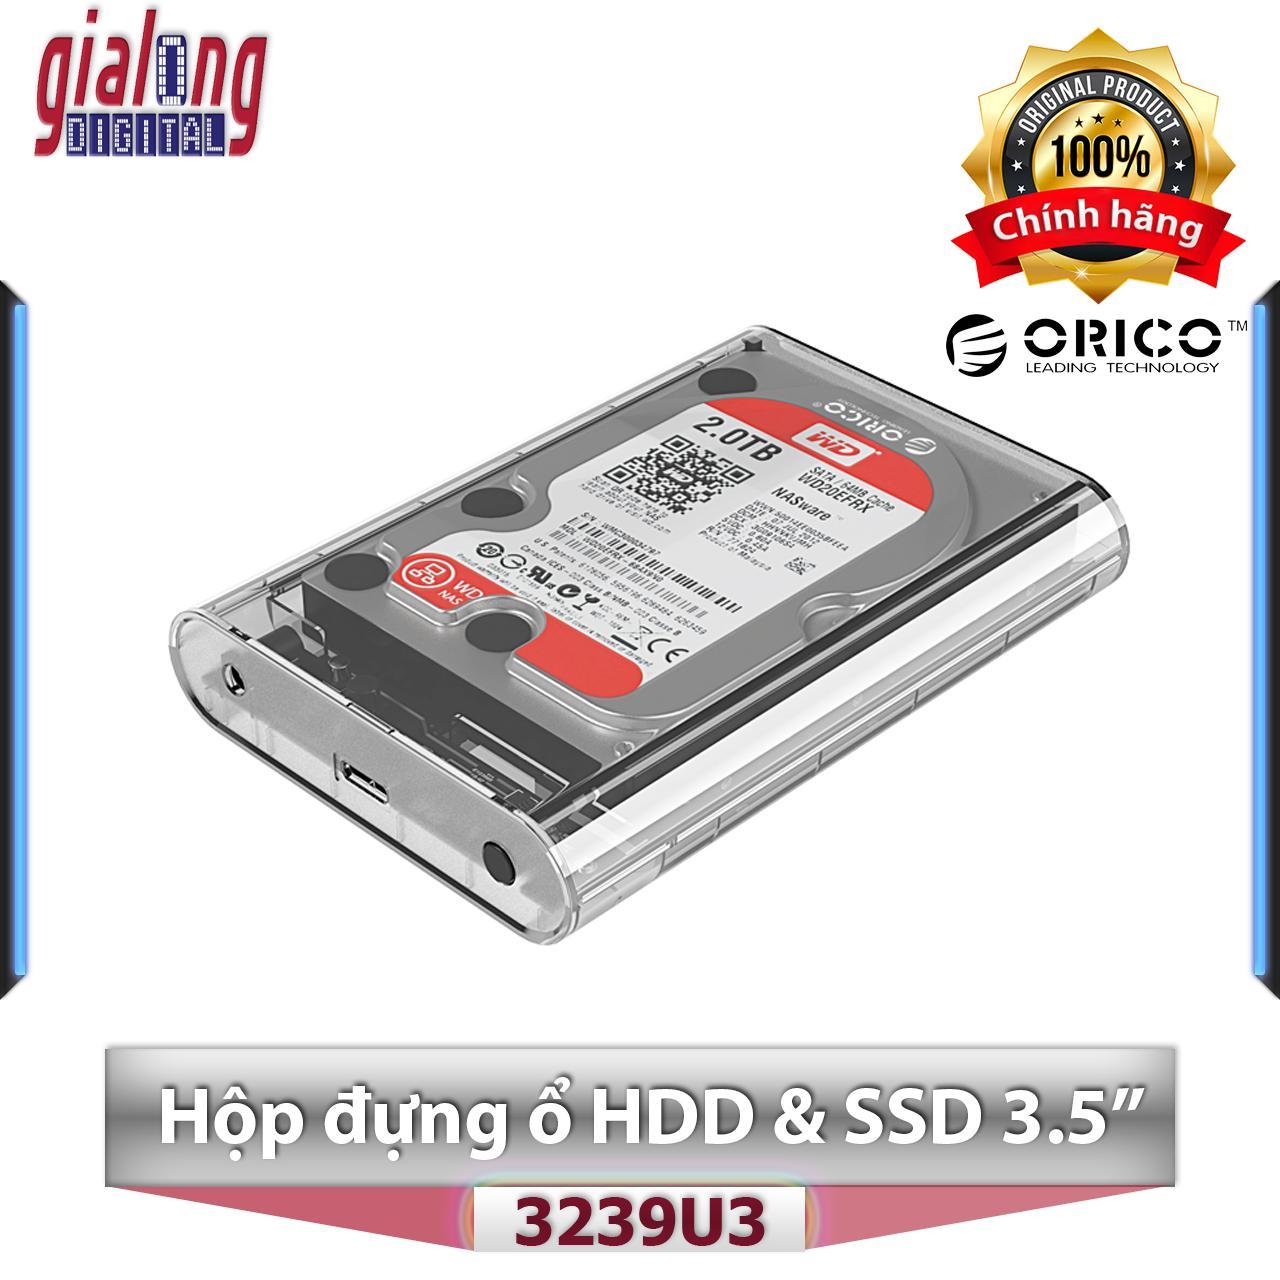 """""""Hộp ổ cứng 3.5"""""""" SSD/HDD SATA 3 USB 3.0 - Orico 3139U3 - Hàng chính hãng phân phối"""""""